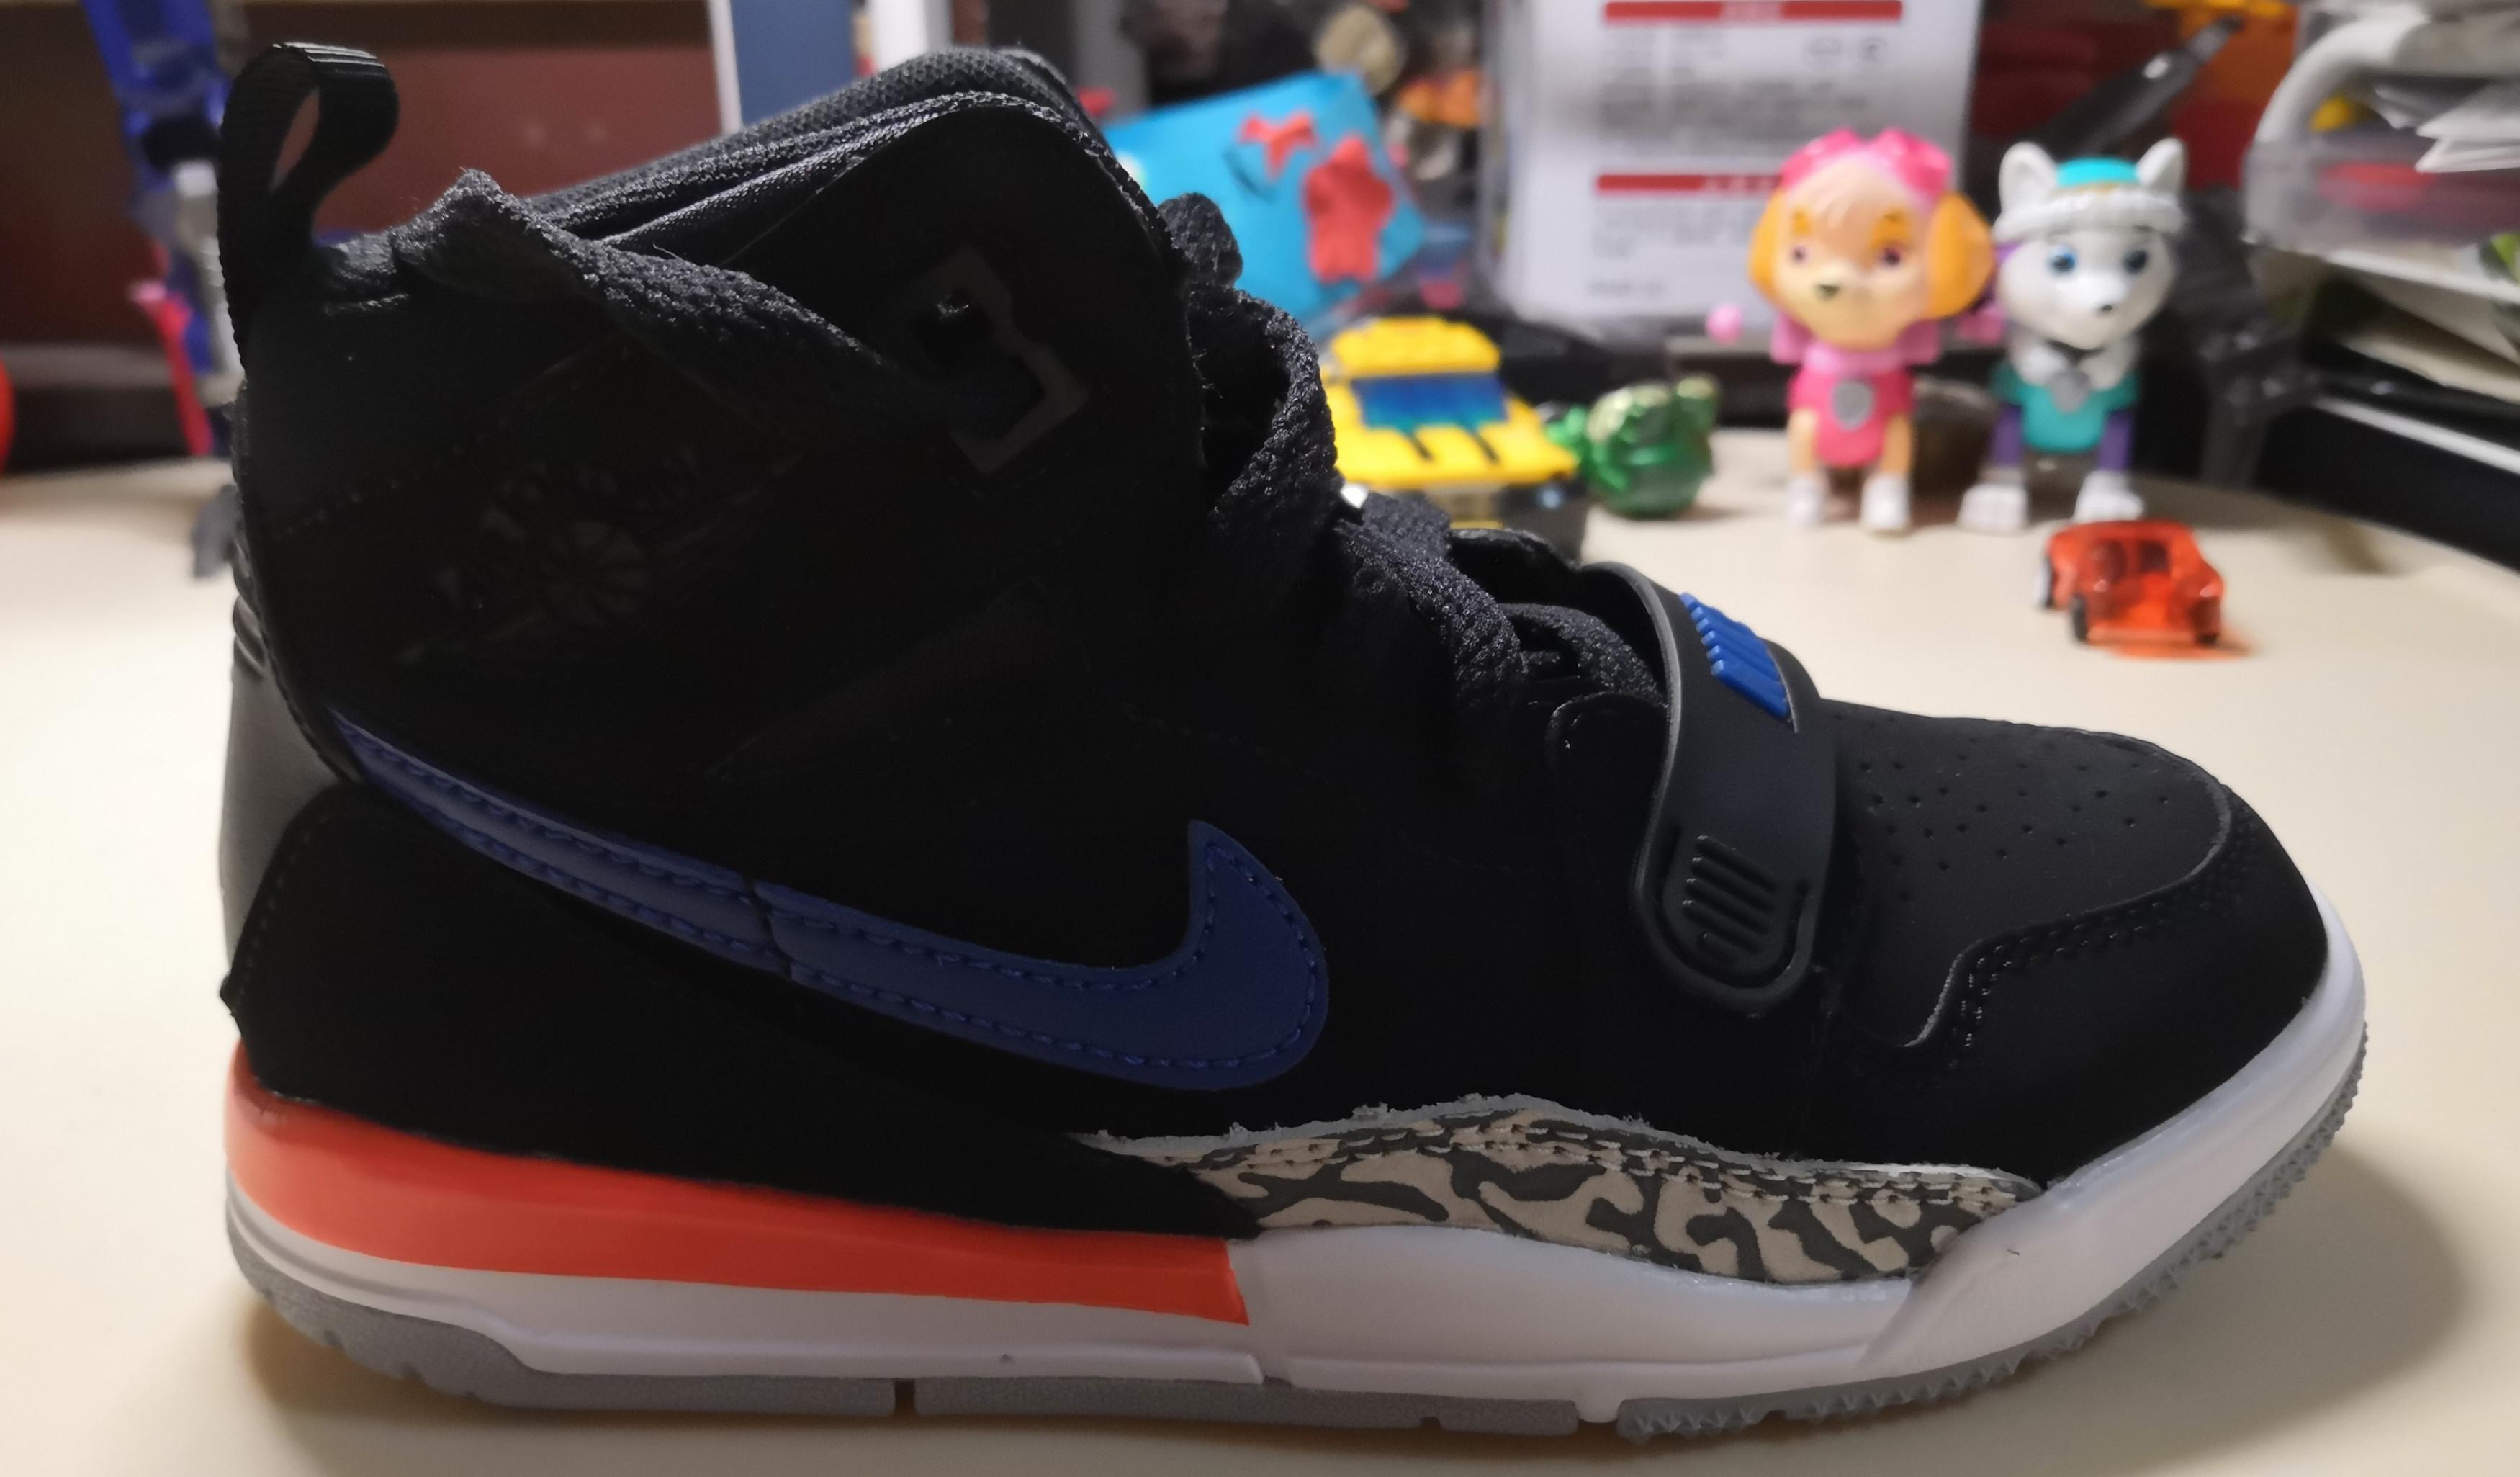 我家小蜈蚣星人 篇十:来自大洋彼岸的air jordan男童篮球鞋